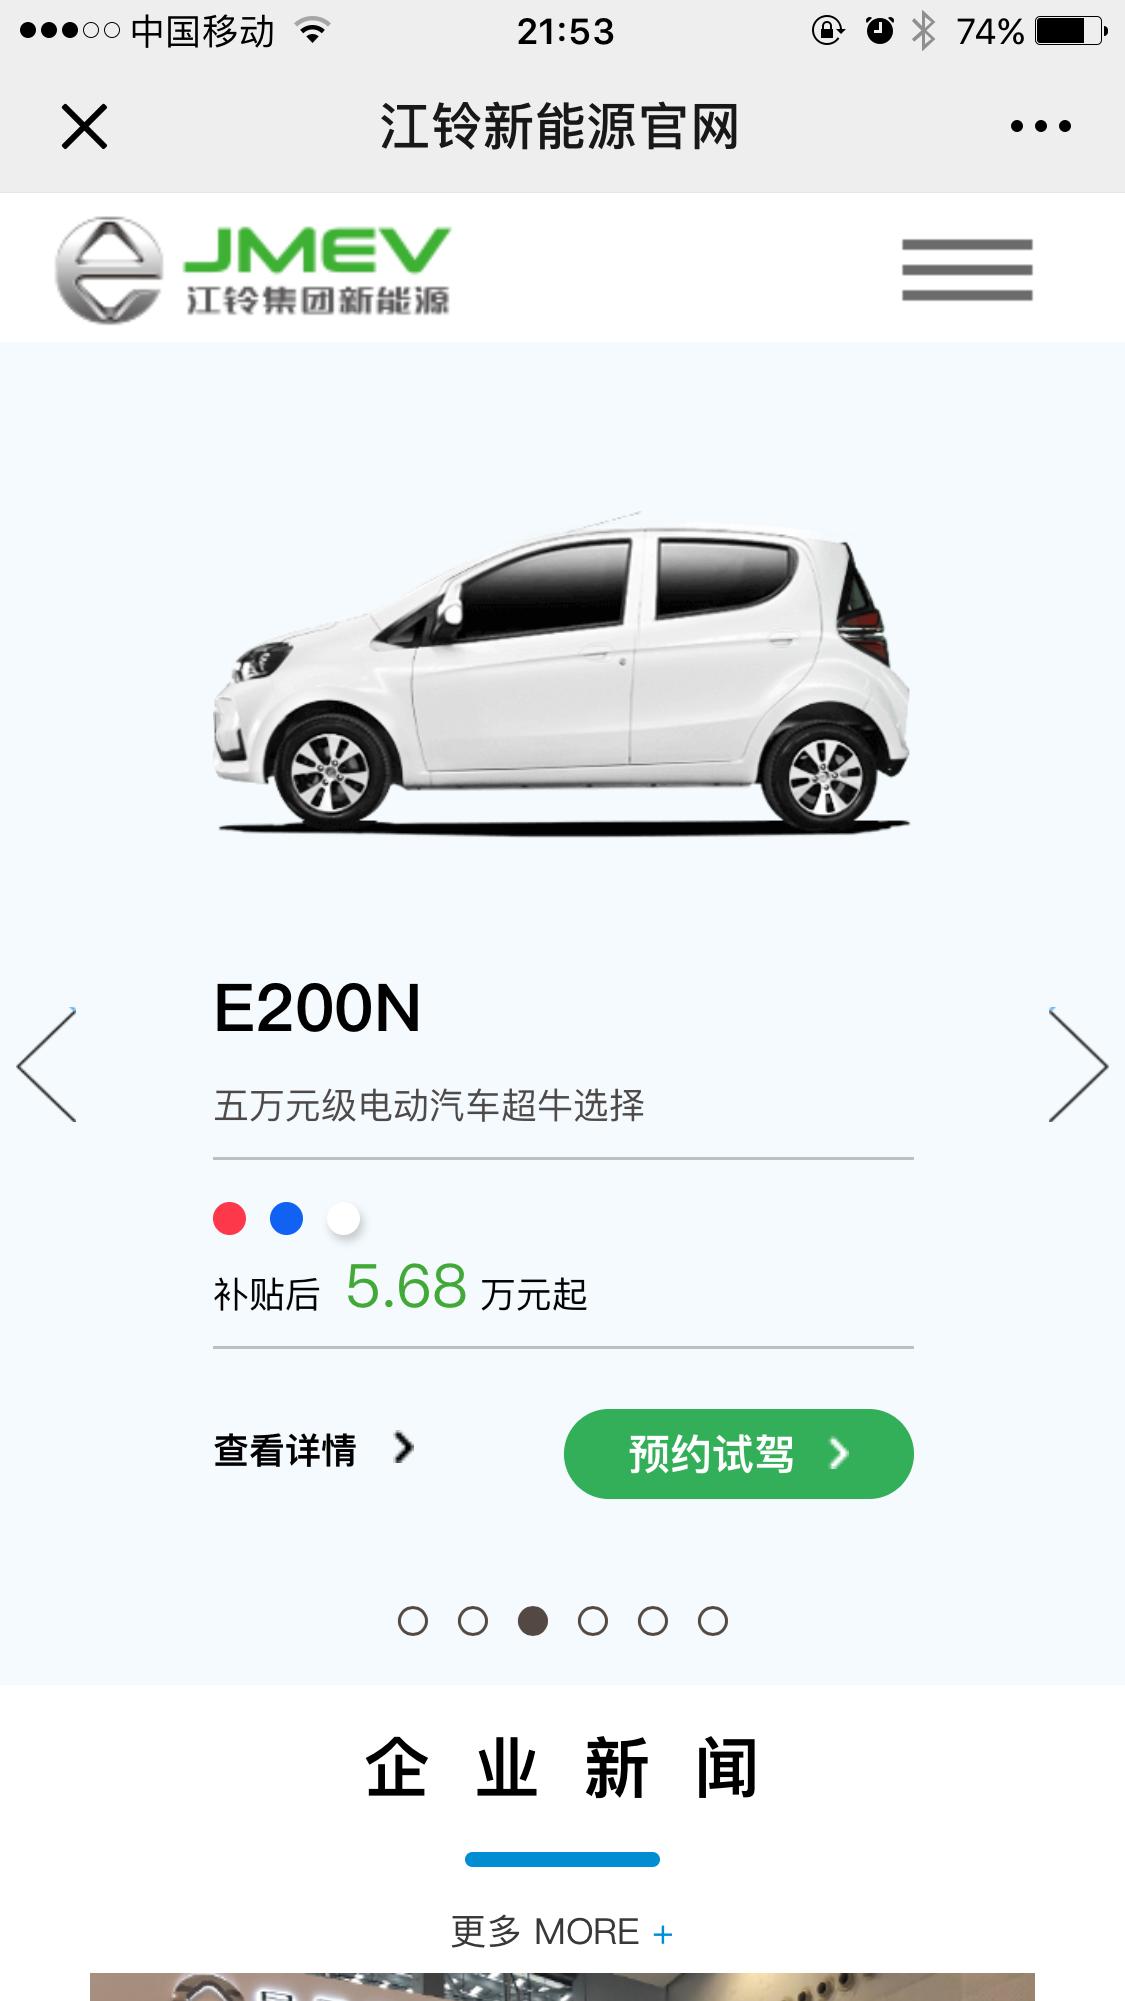 江铃集团新能源-江铃E100 冬天无法充电,4S店存在价格欺诈